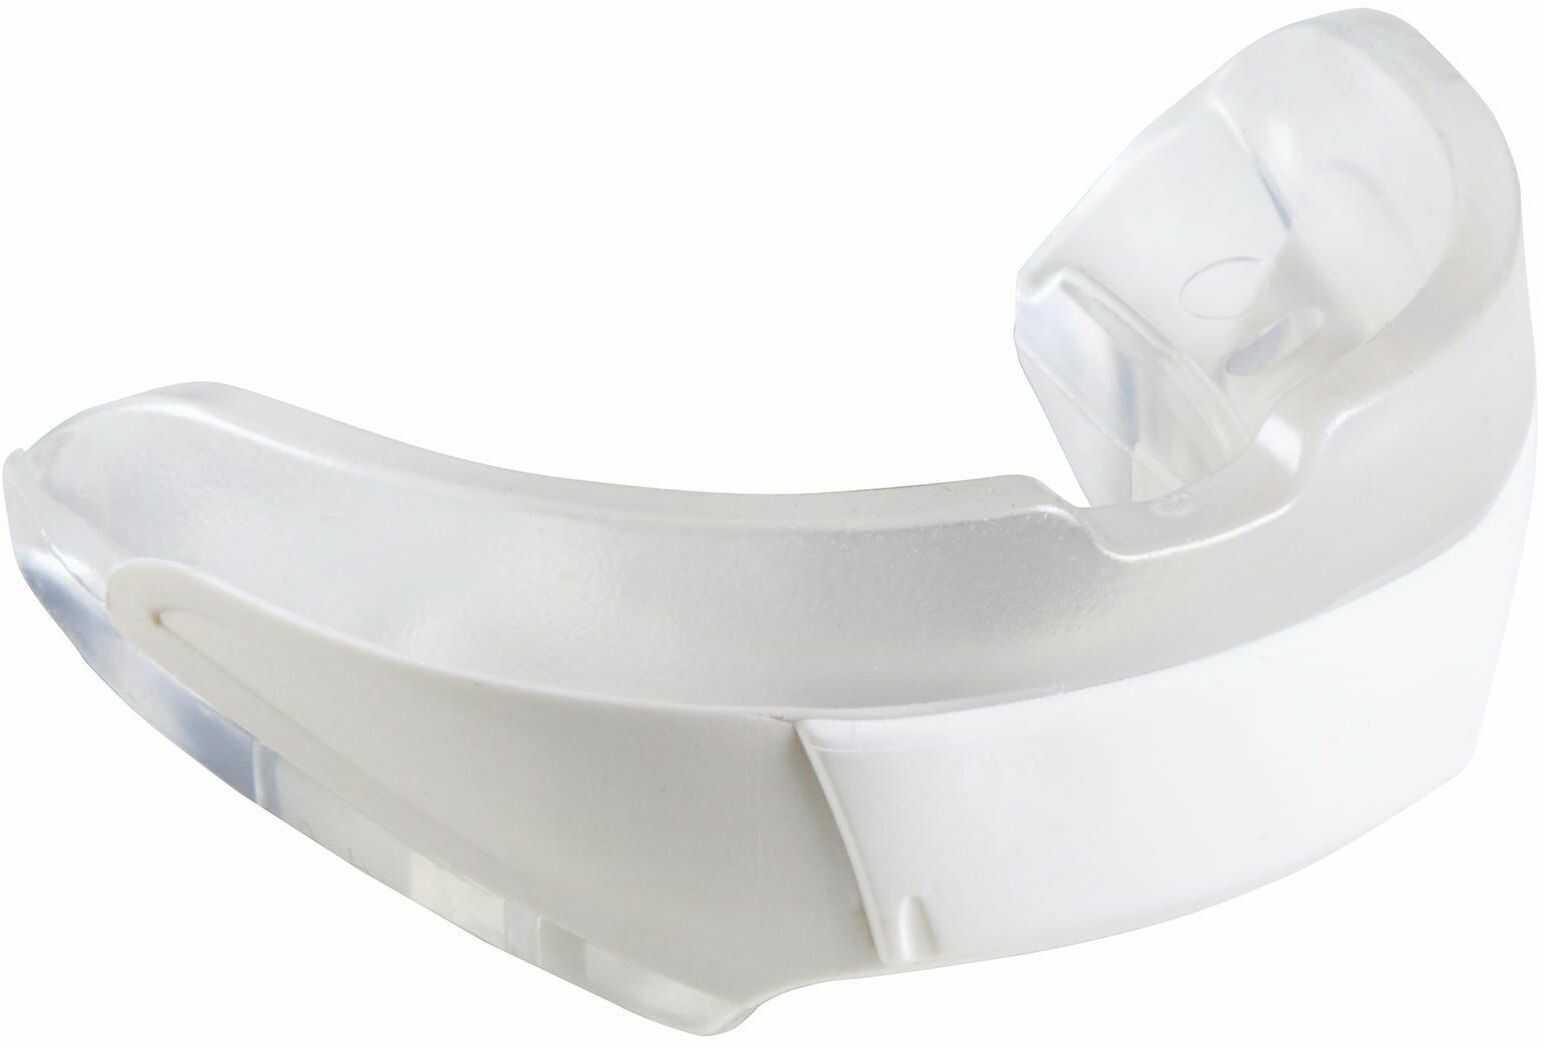 Ochraniacz na zęby do hokeja na trawie FH500 rozmiar Medium